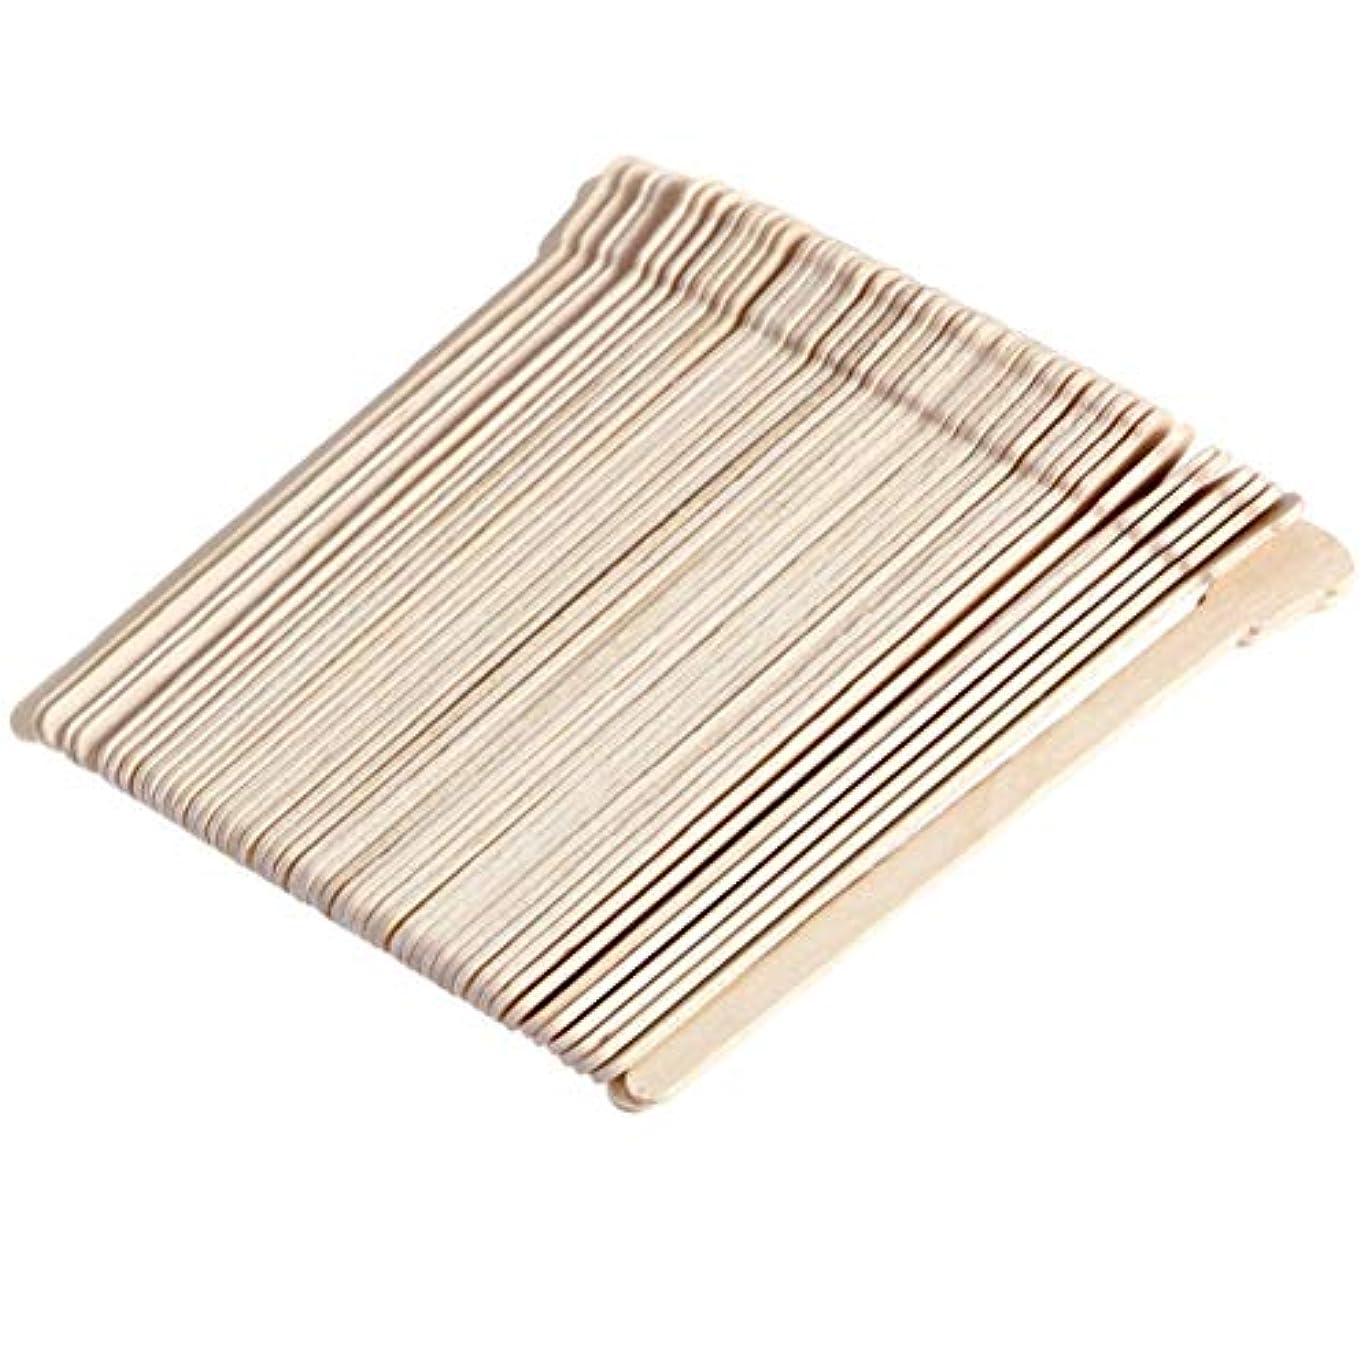 不透明な手つかずの作曲するHealifty ワックスヘラ使い捨てワックススティック500本(オリジナル木製)